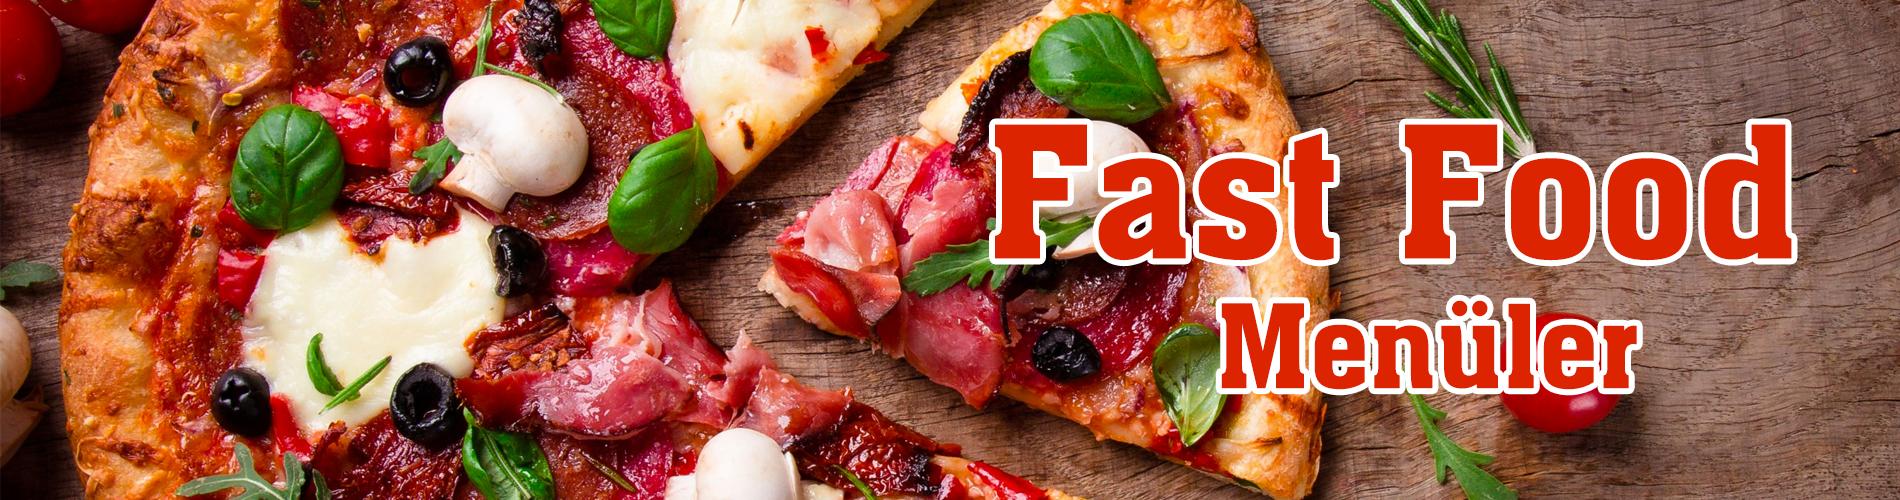 Fast Food Menüler